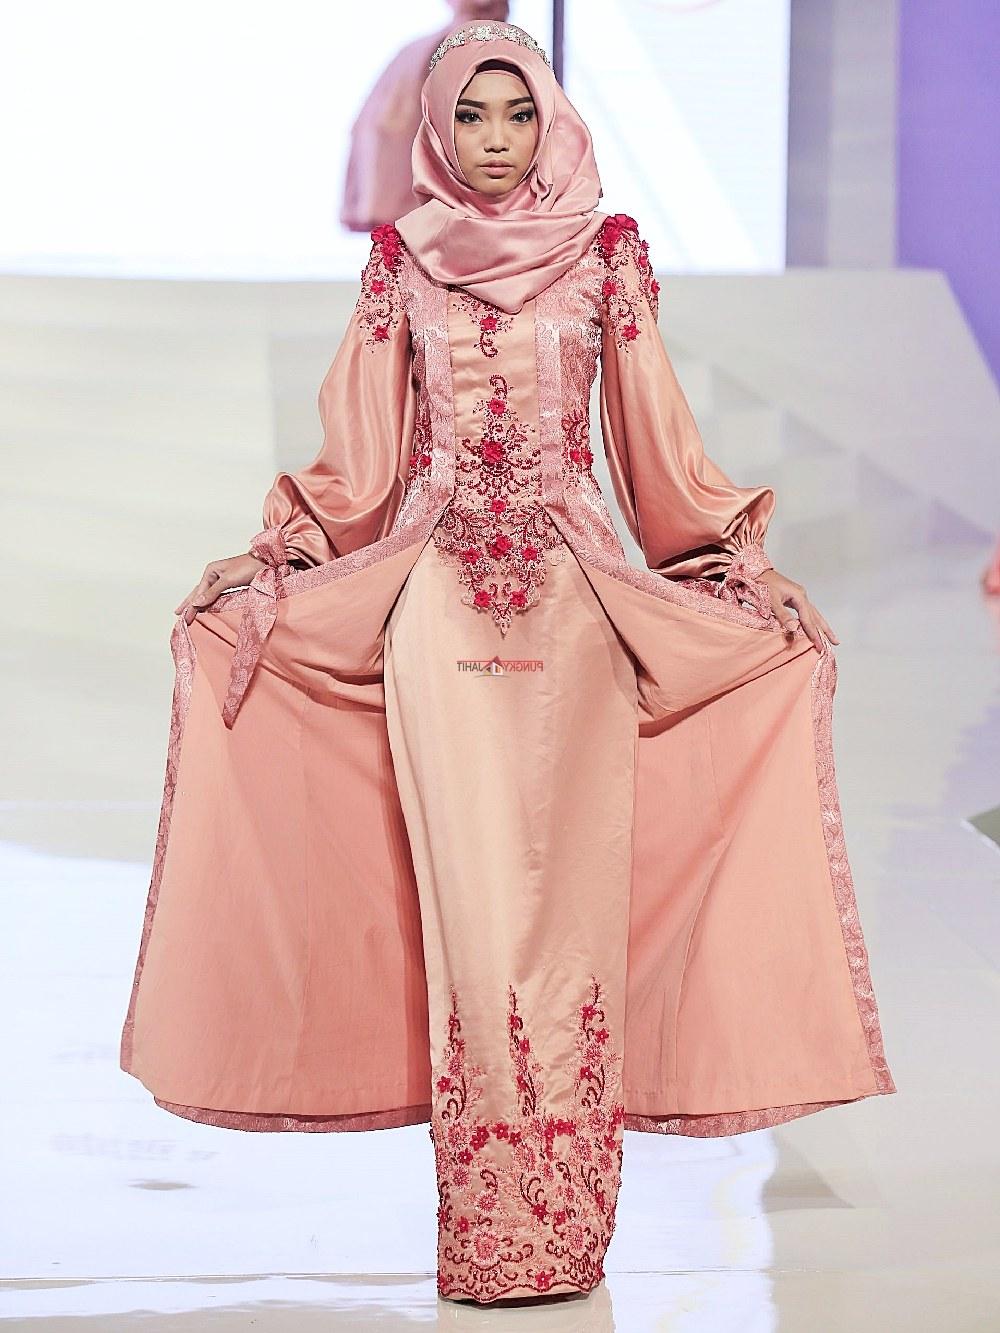 Bentuk Sewa Gaun Pengantin Muslimah Jogja Q5df Sewa Perdana Baju Pengantin Muslimah Jogja Gaun Pengantin